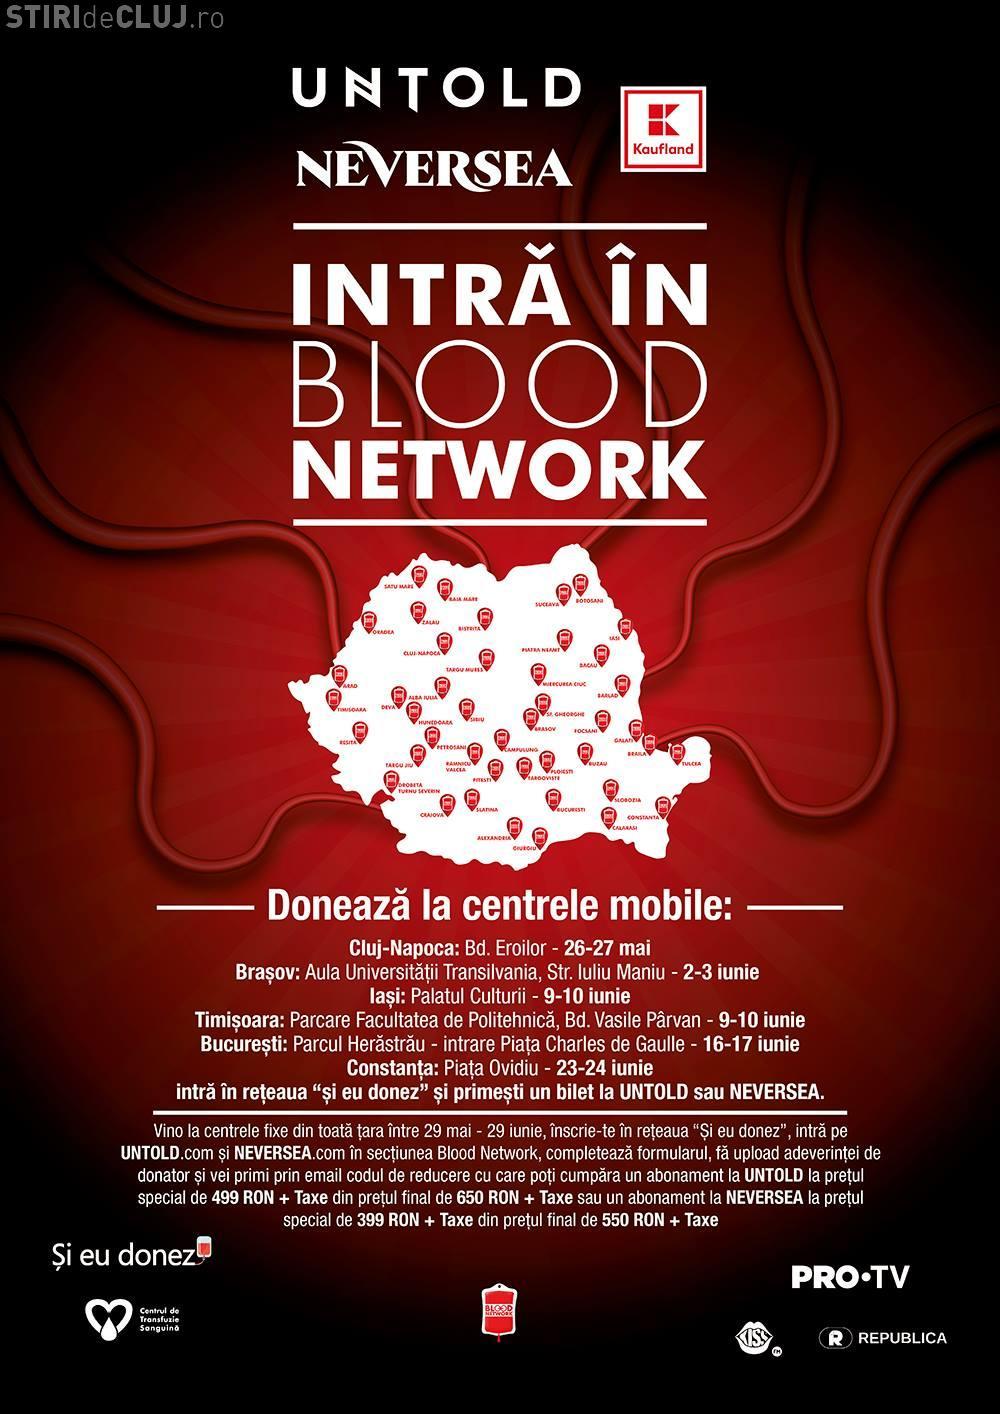 Donează sânge și mergi la UNTOLD și NEVERSEA! Începe a patra ediție a campaniei Blood Network